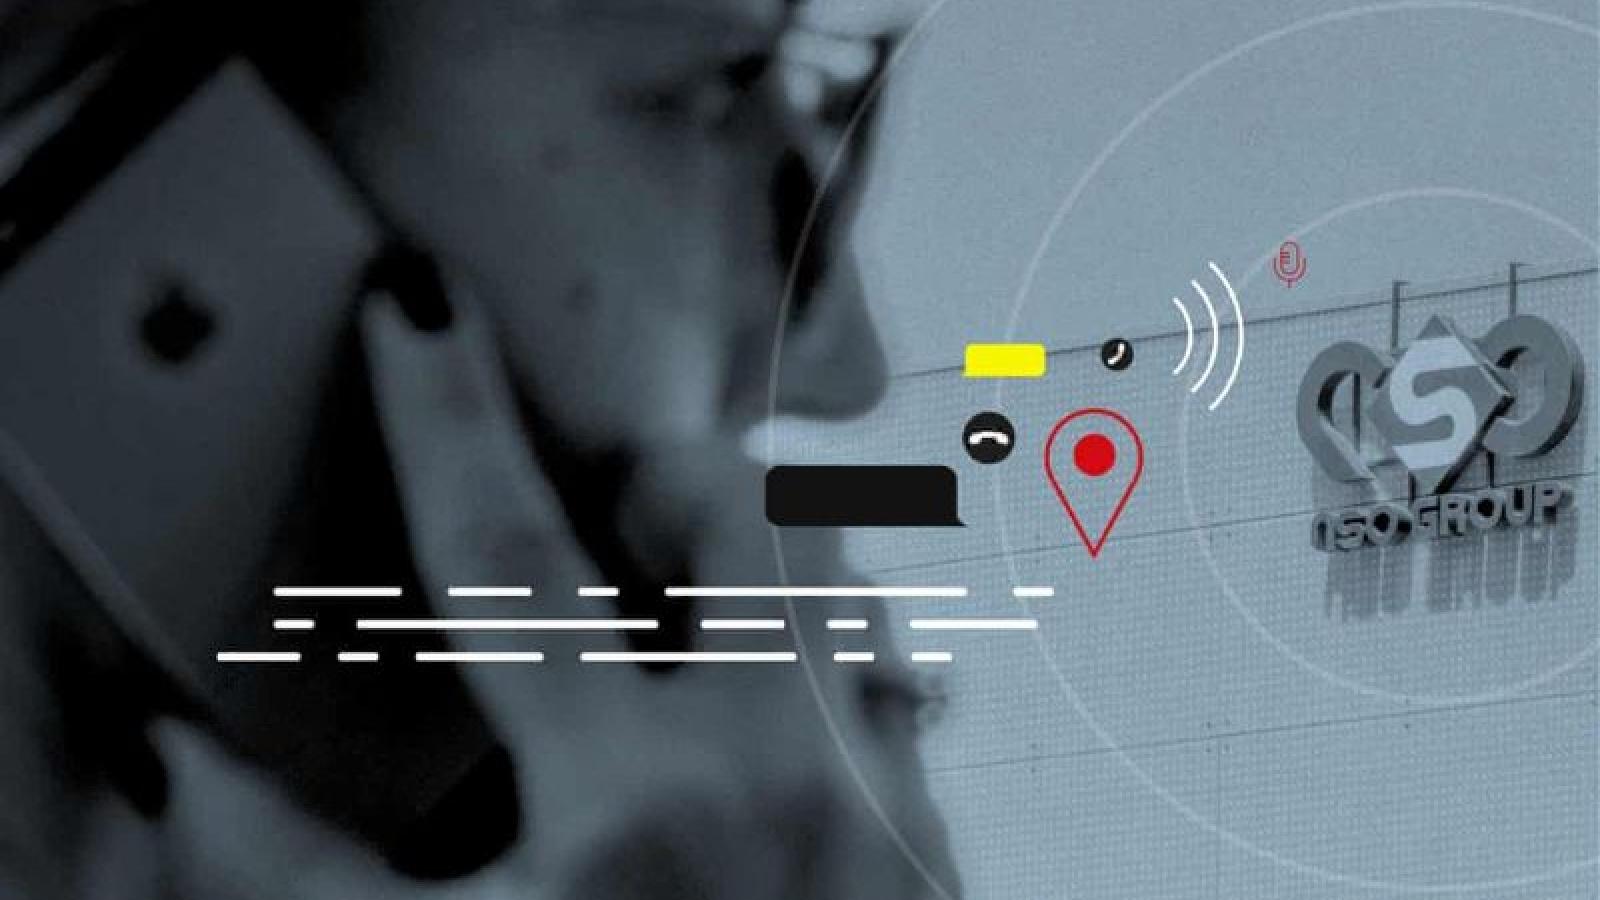 Phần mềm gián điệp nhắm vào điện thoại nhà báo và các nhà hoạt động nhân quyền